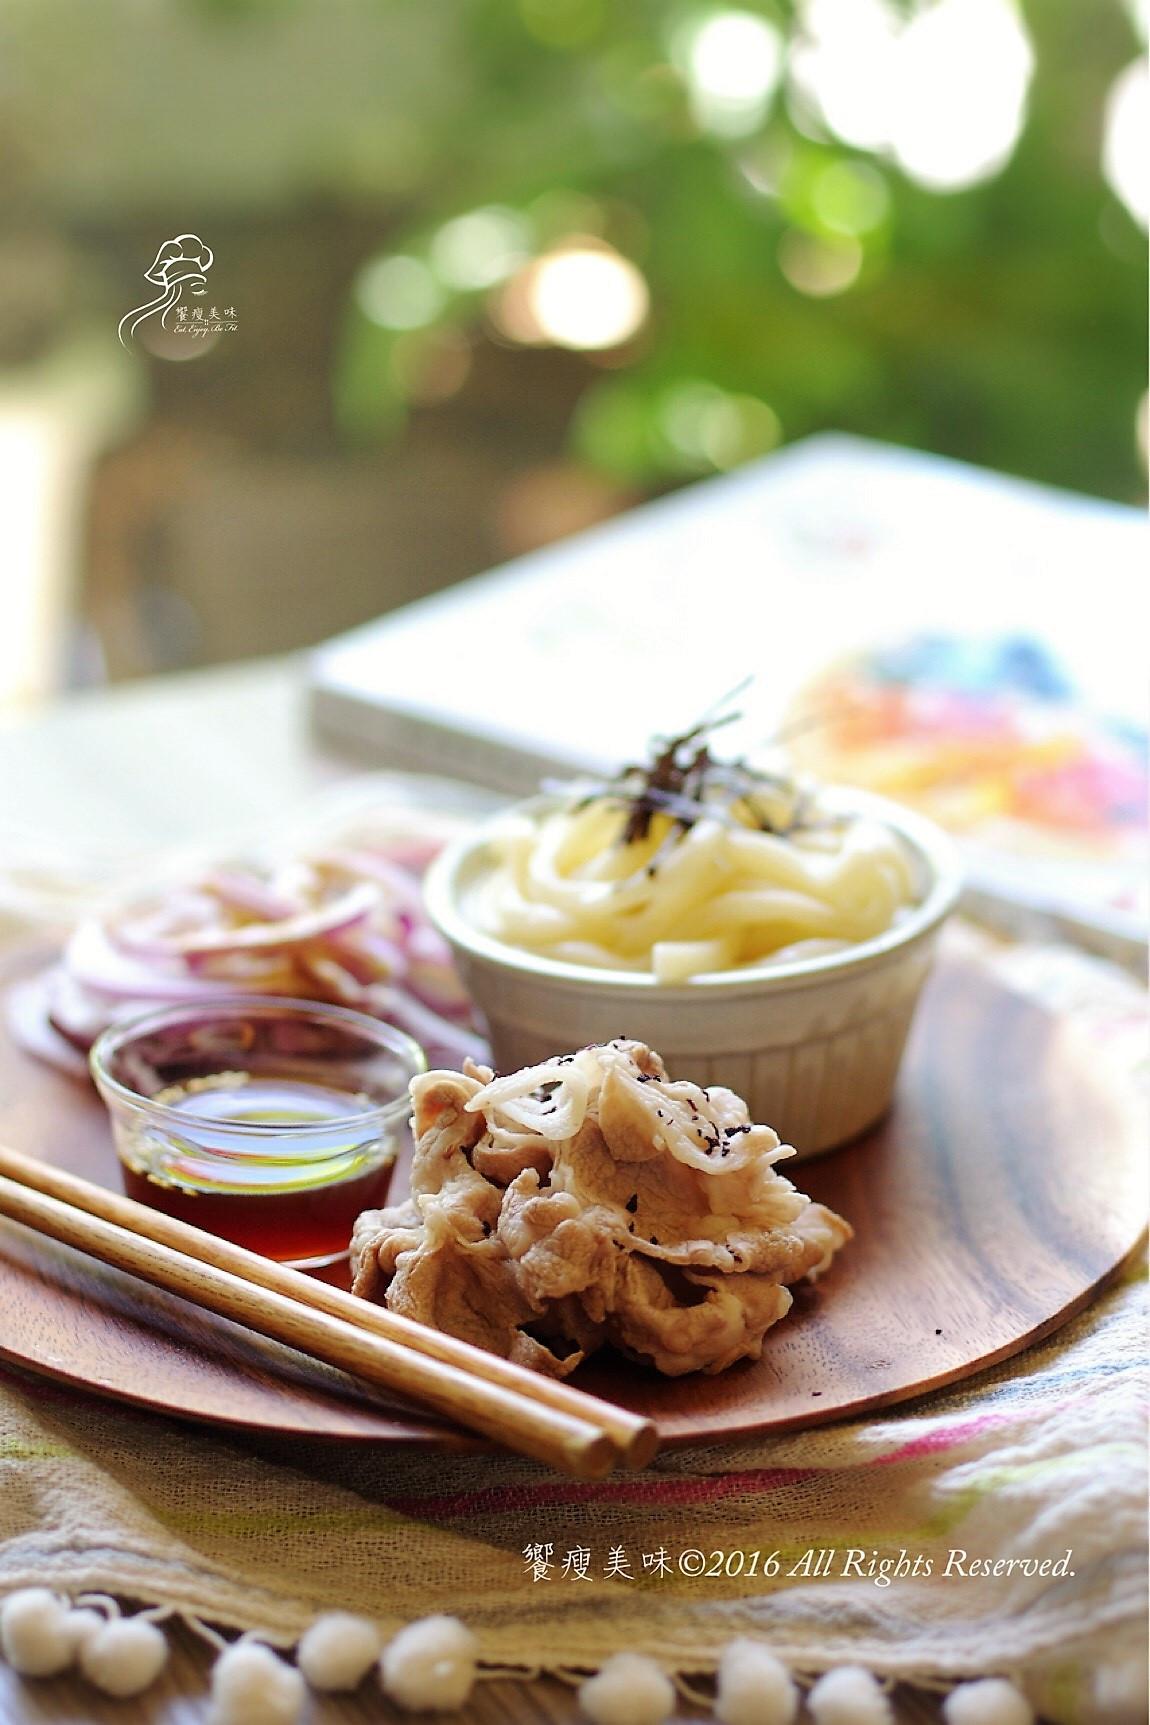 饗瘦美味-烏龍冷麵定食